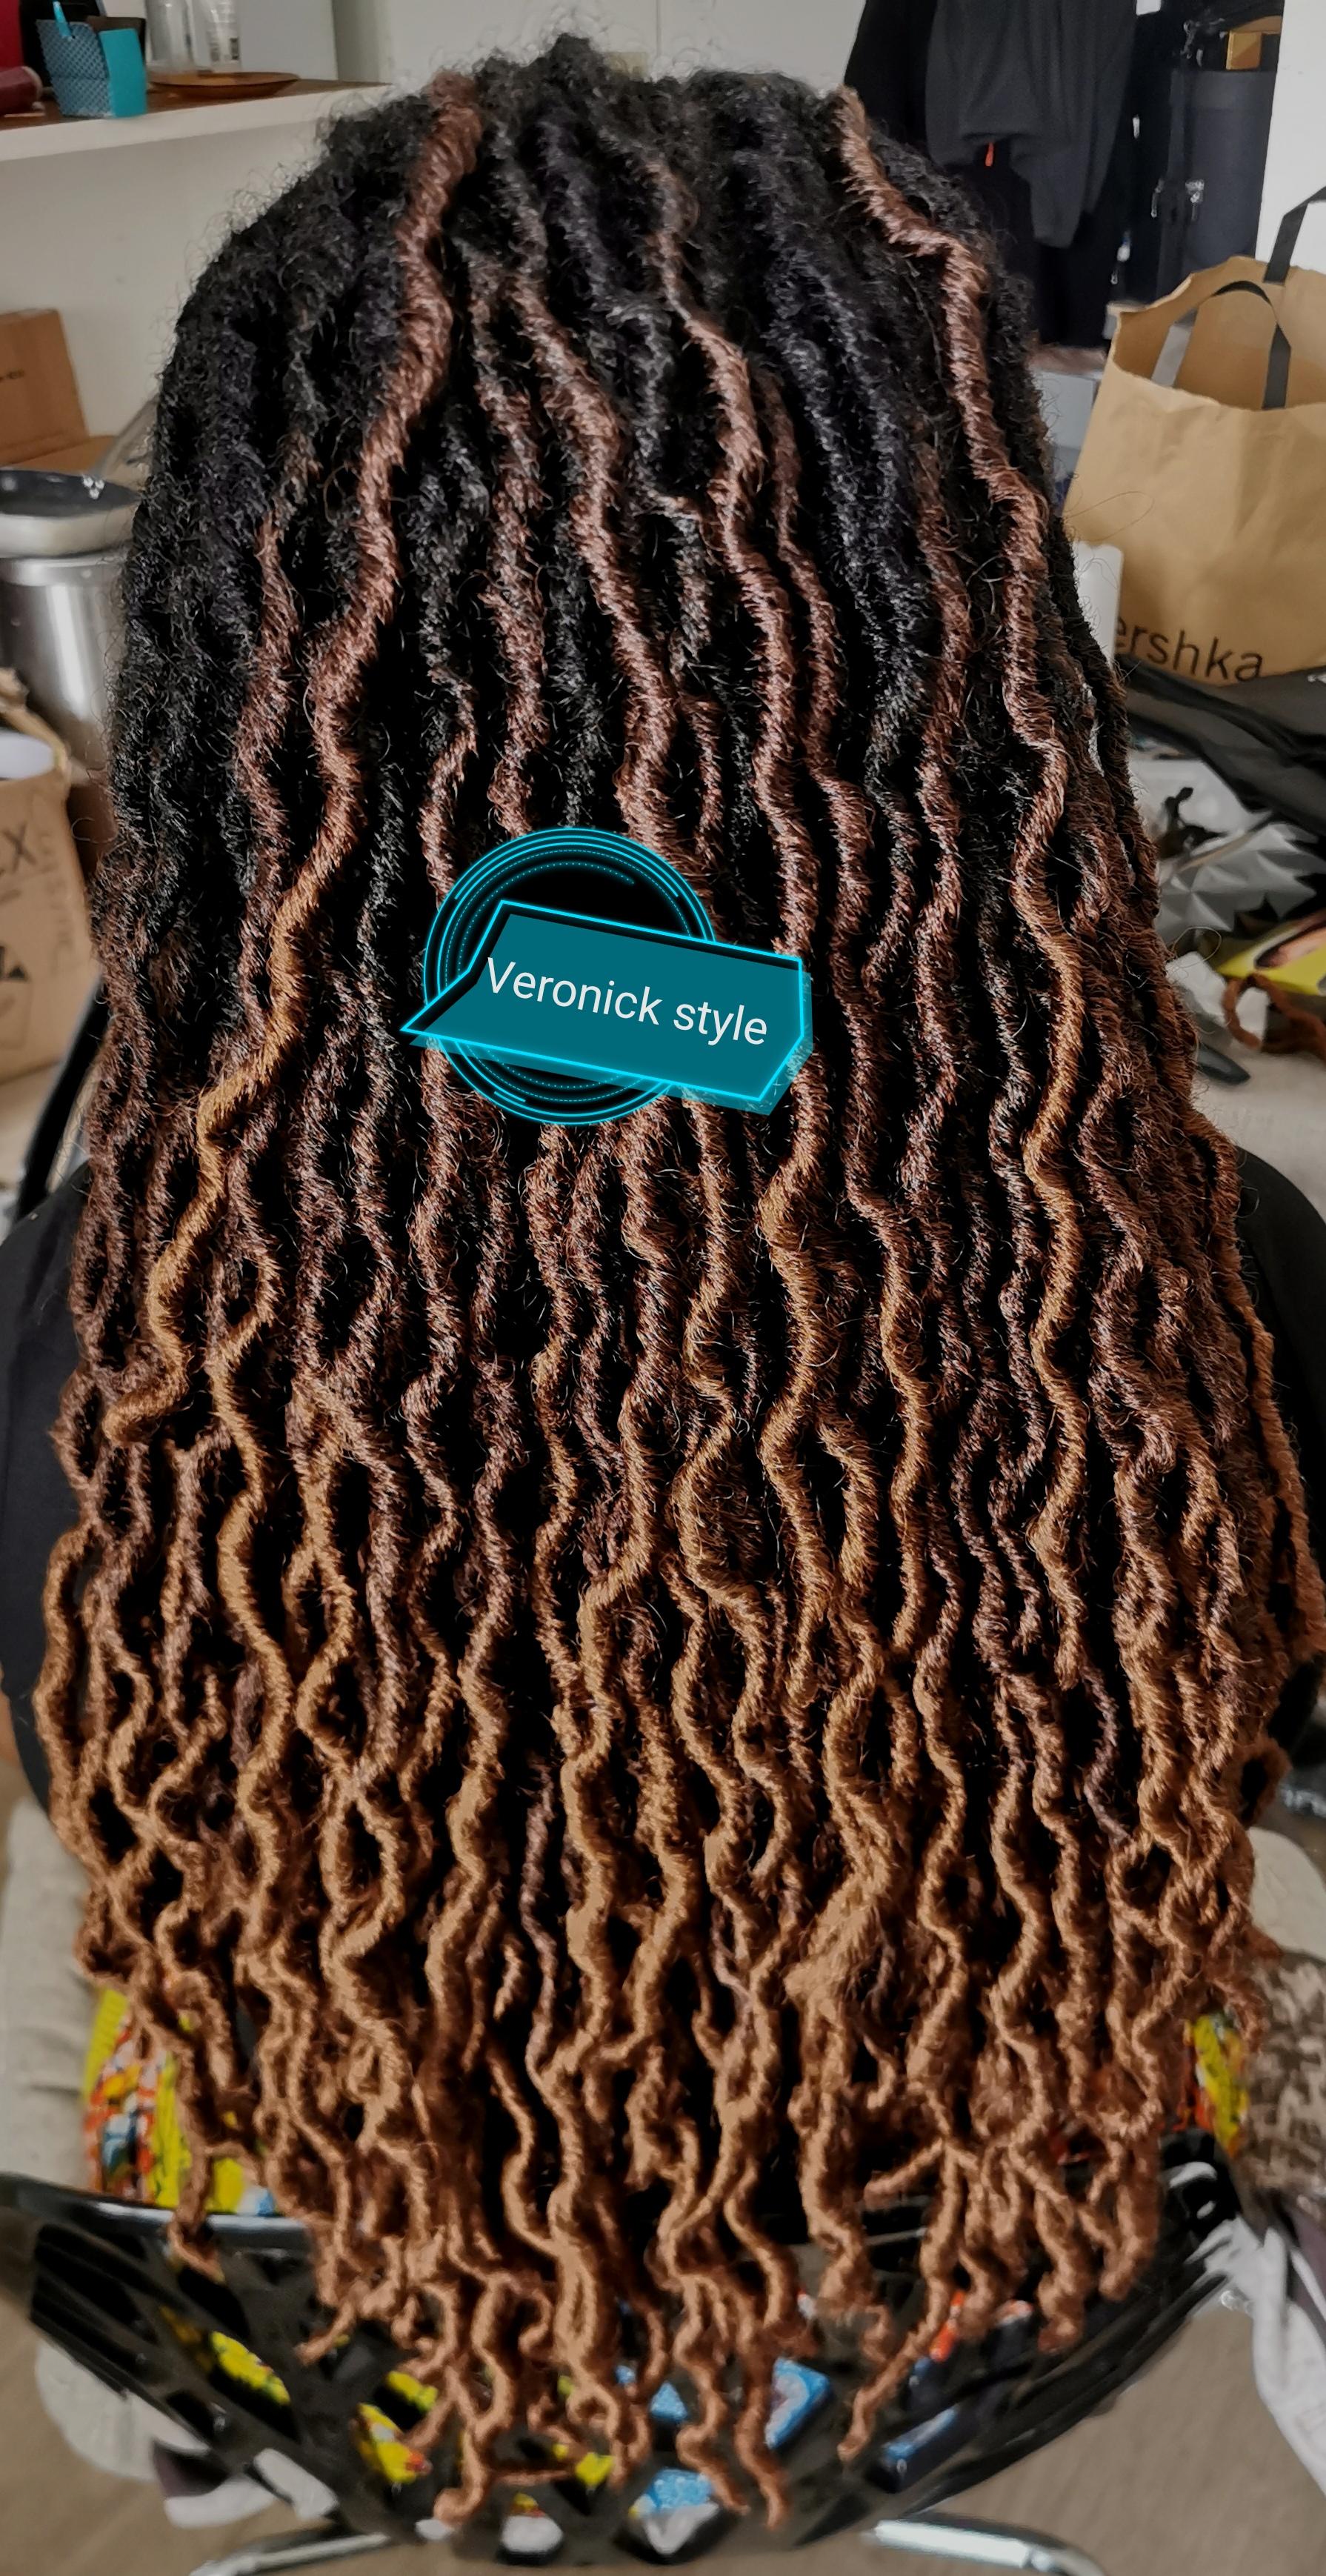 salon de coiffure afro tresse tresses box braids crochet braids vanilles tissages paris 75 77 78 91 92 93 94 95 BPQYKJOF